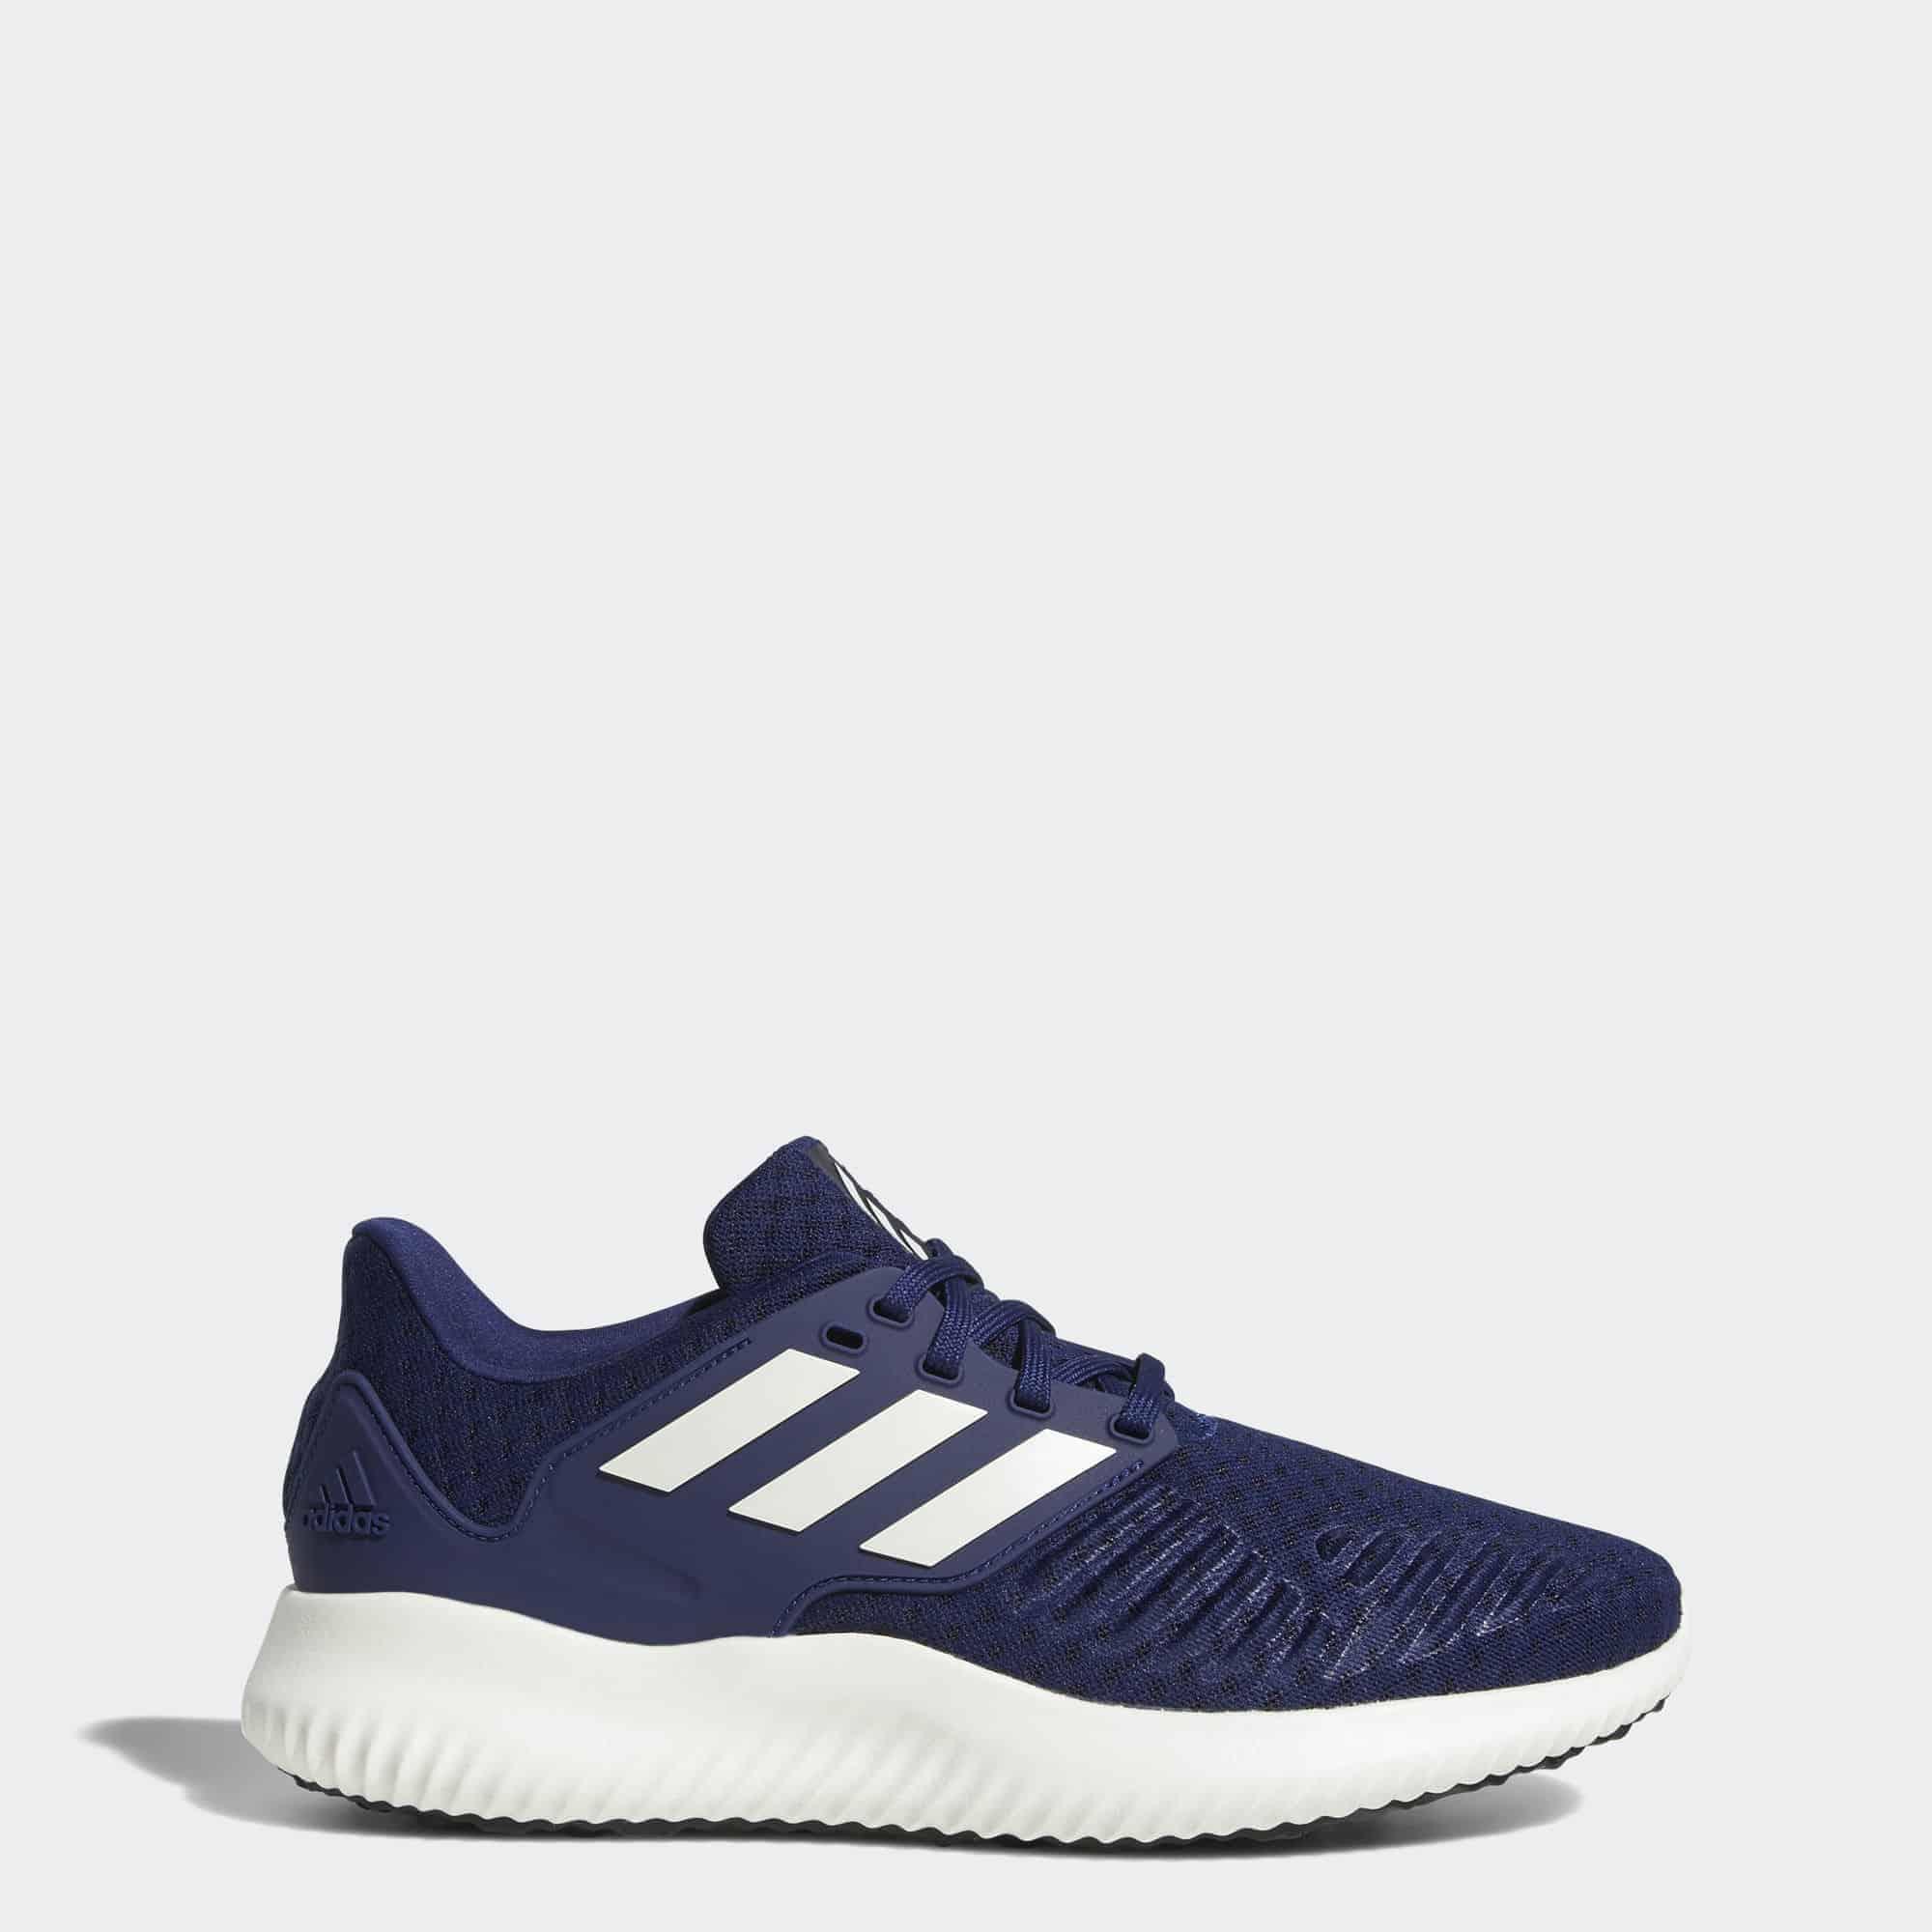 Кроссовки для бега Adidas Alphabounce RC 2 мужские